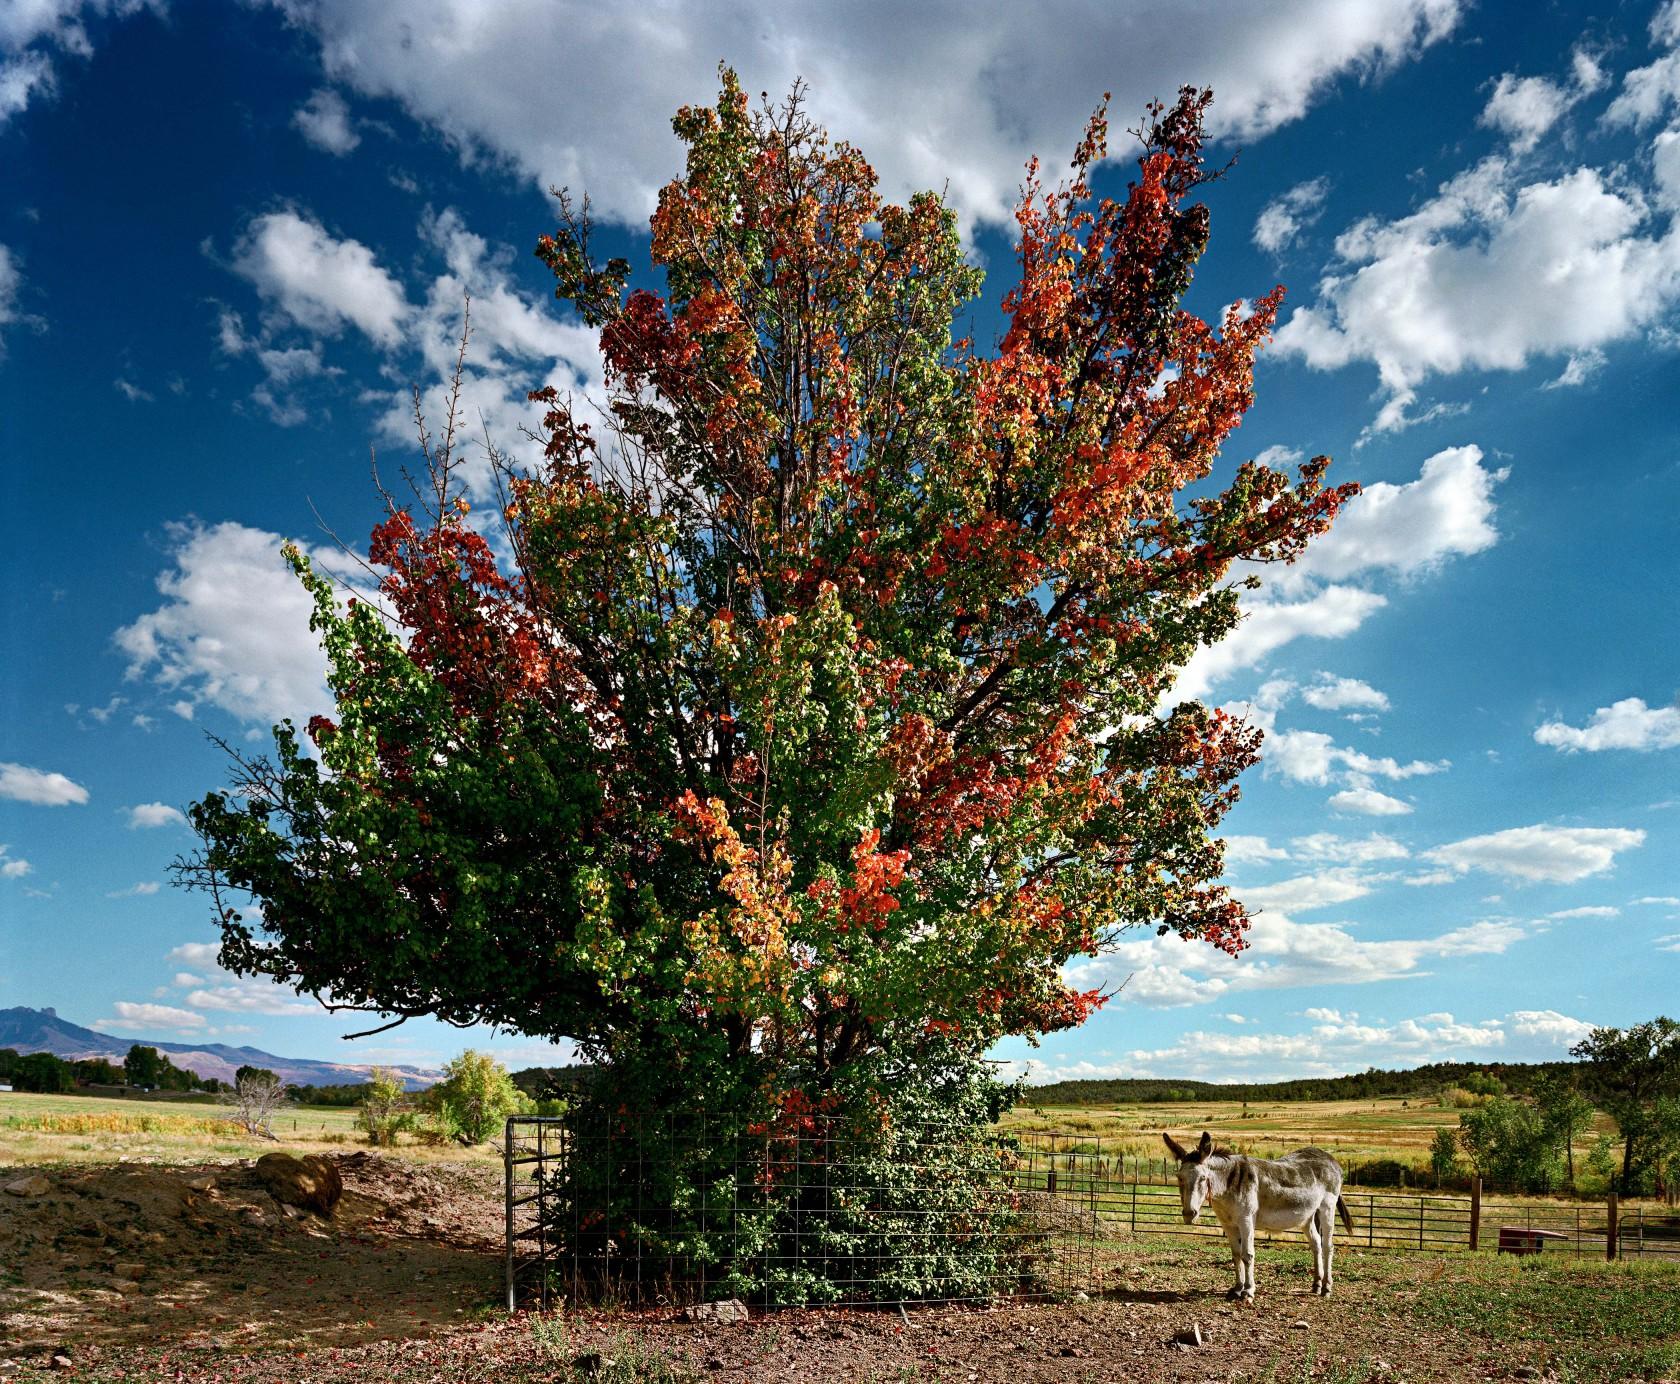 Dorito and the Pear Tree